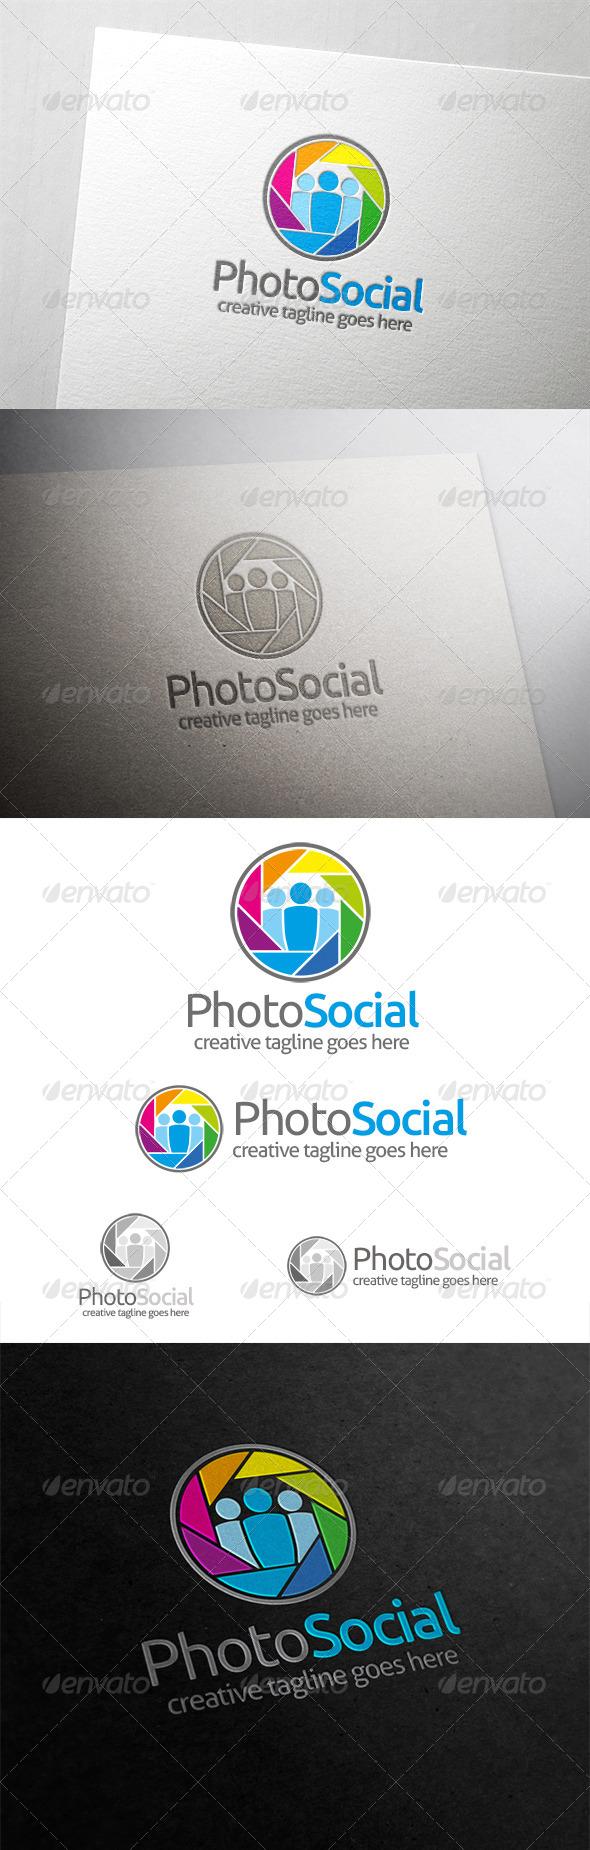 Photo Social Logo